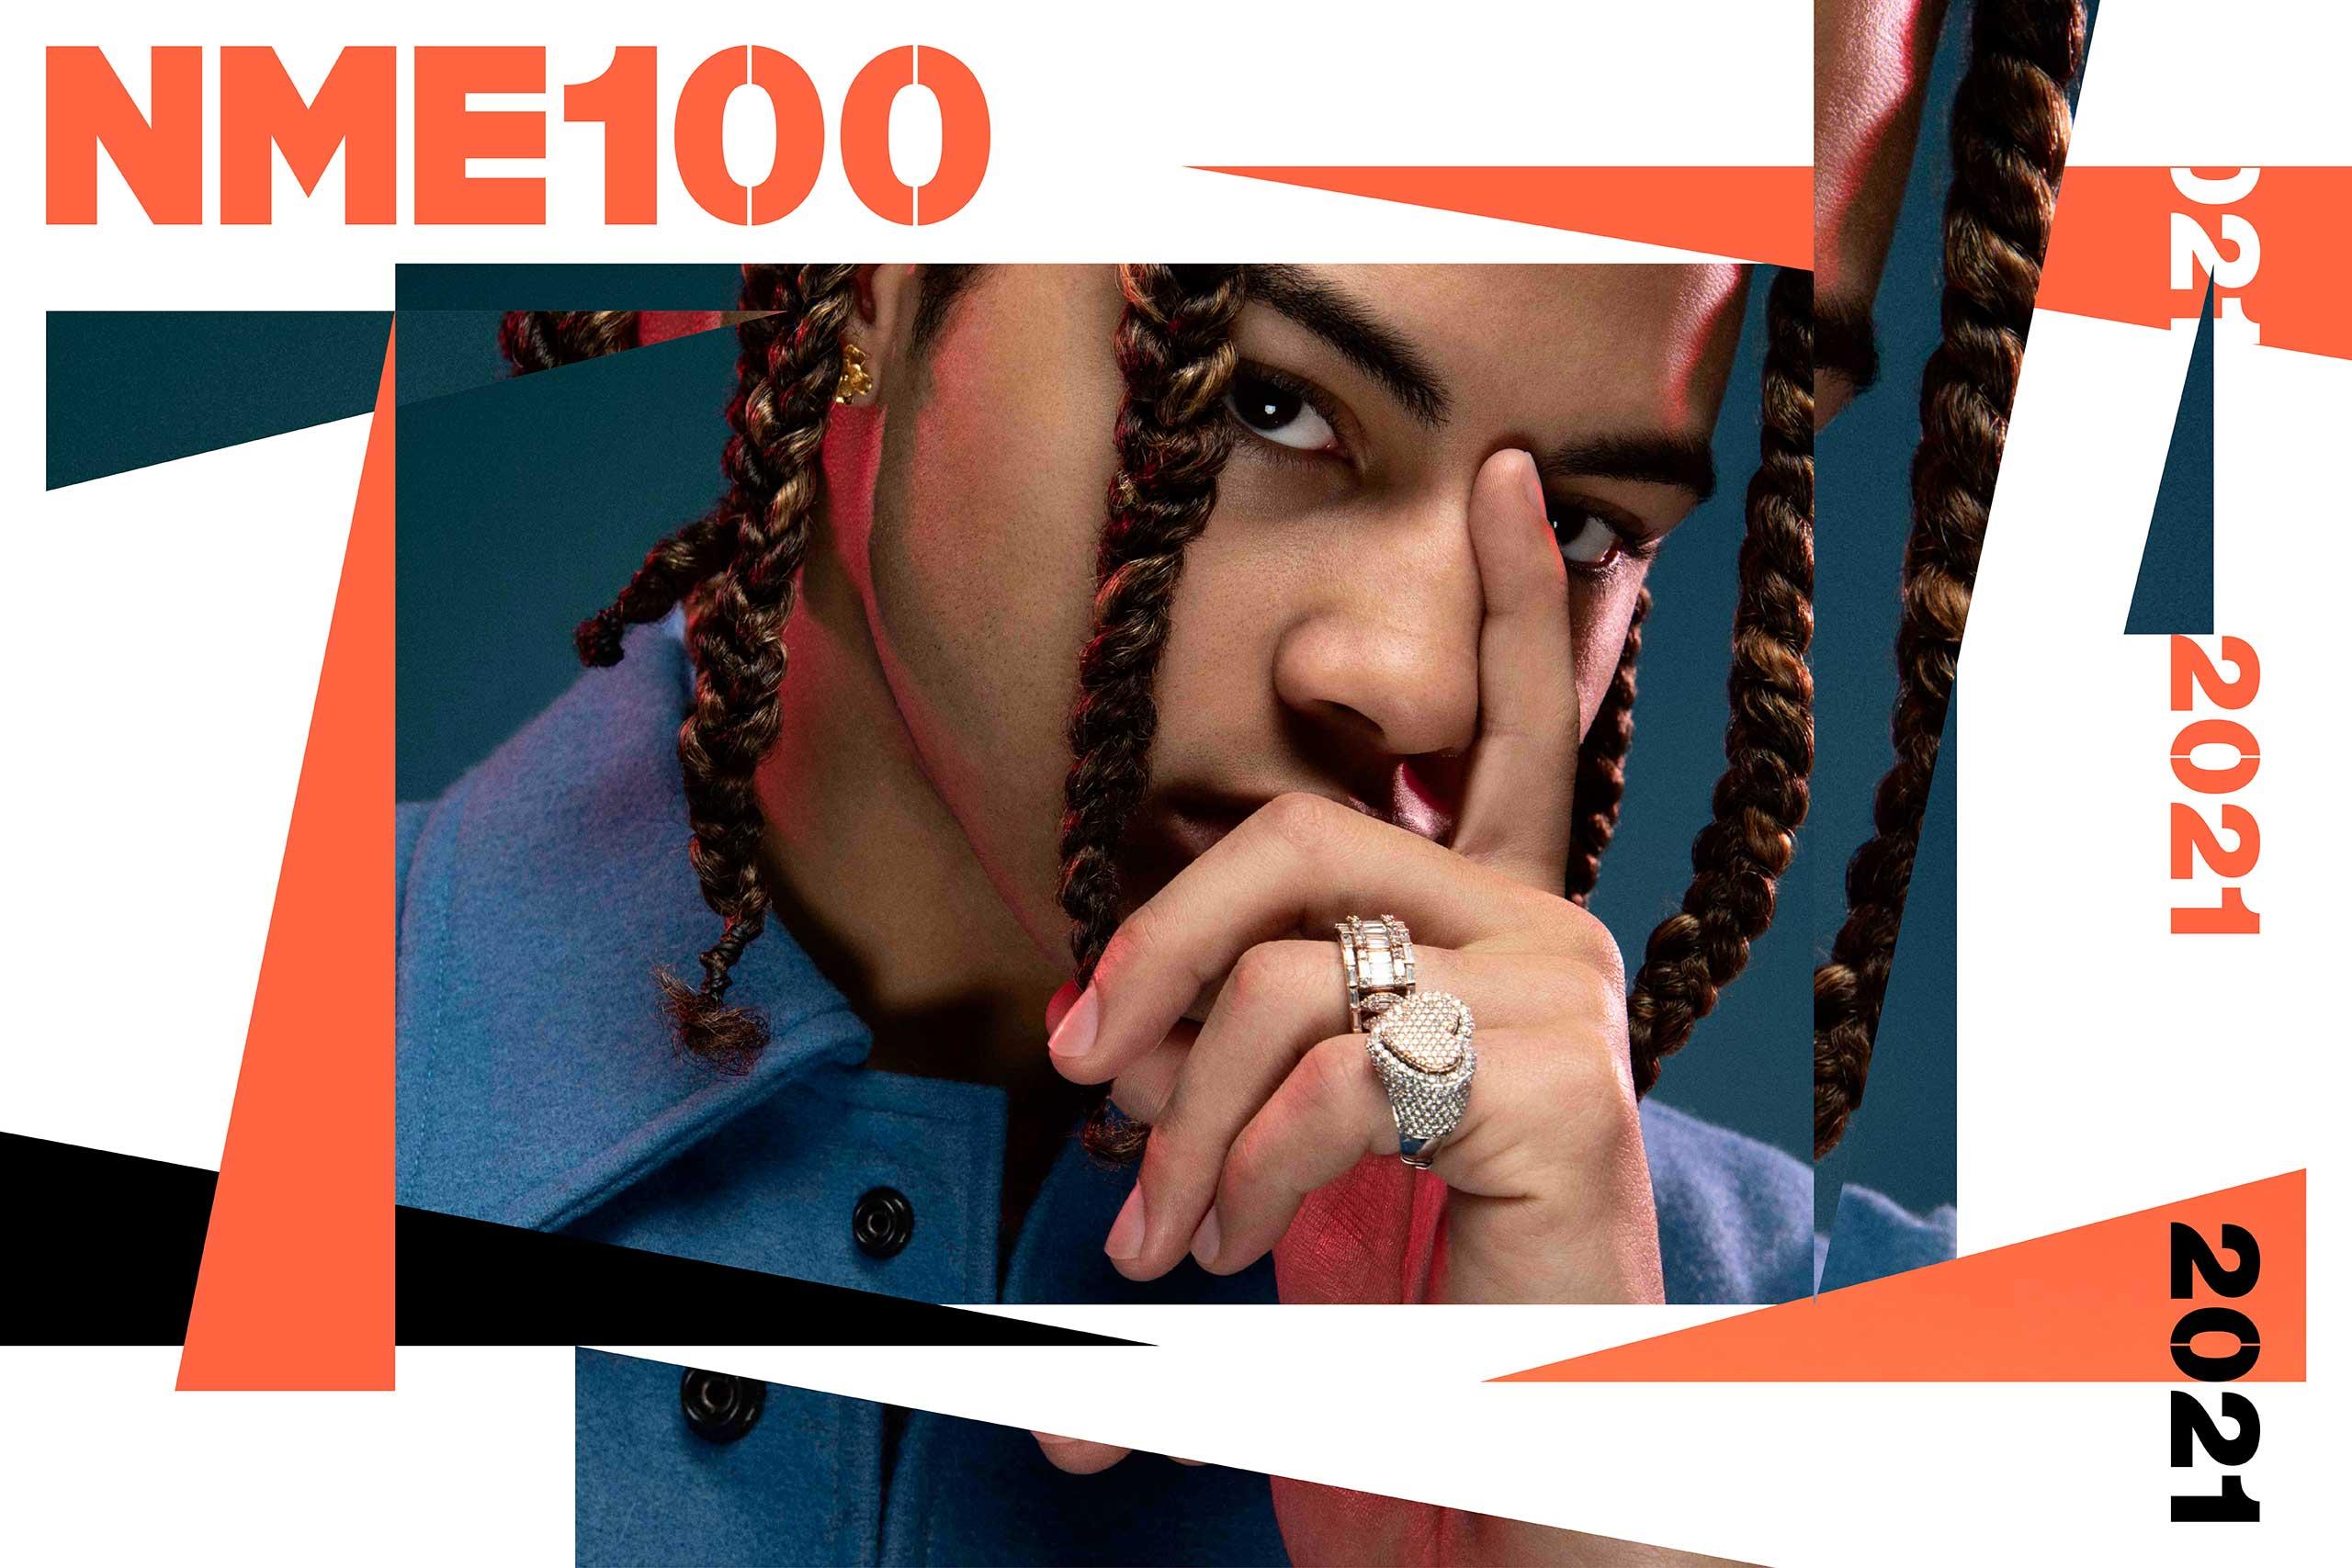 NME 100 24kgoldn